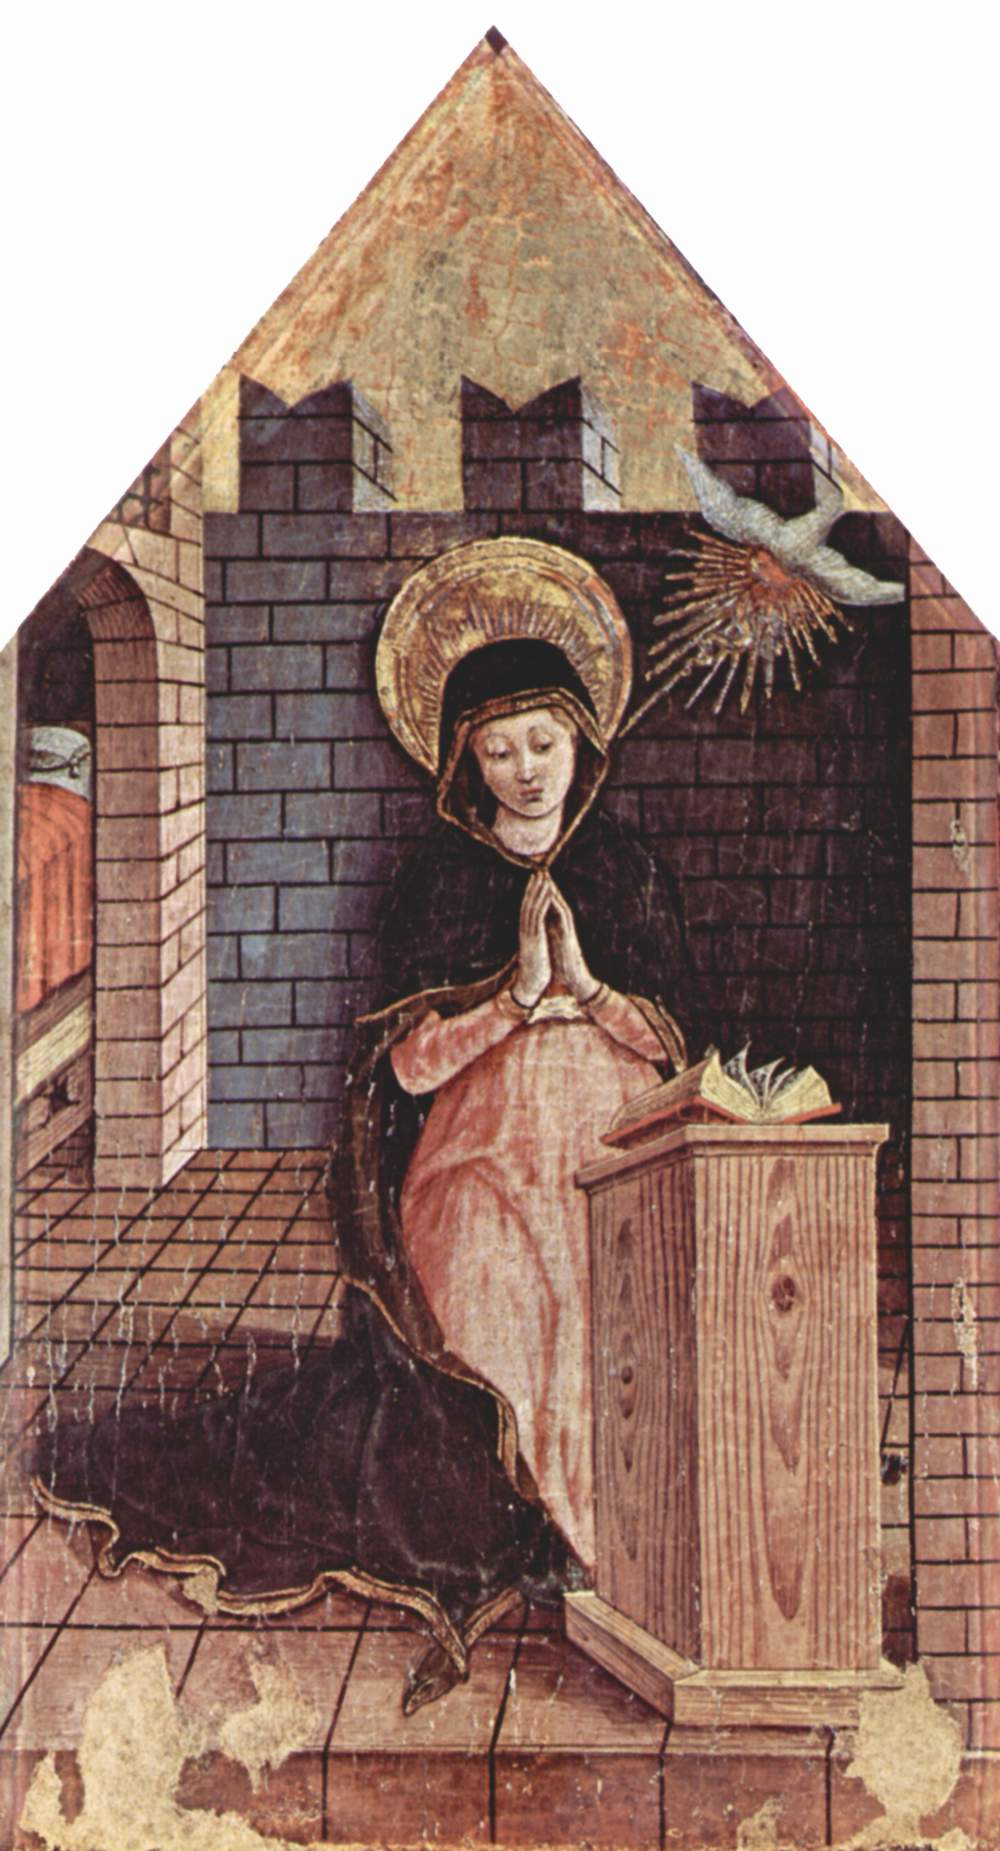 Алтарь из церкви Сан Сильвестро в Масса Фермана, левое навершие  Благовещение, Карло Кривелли